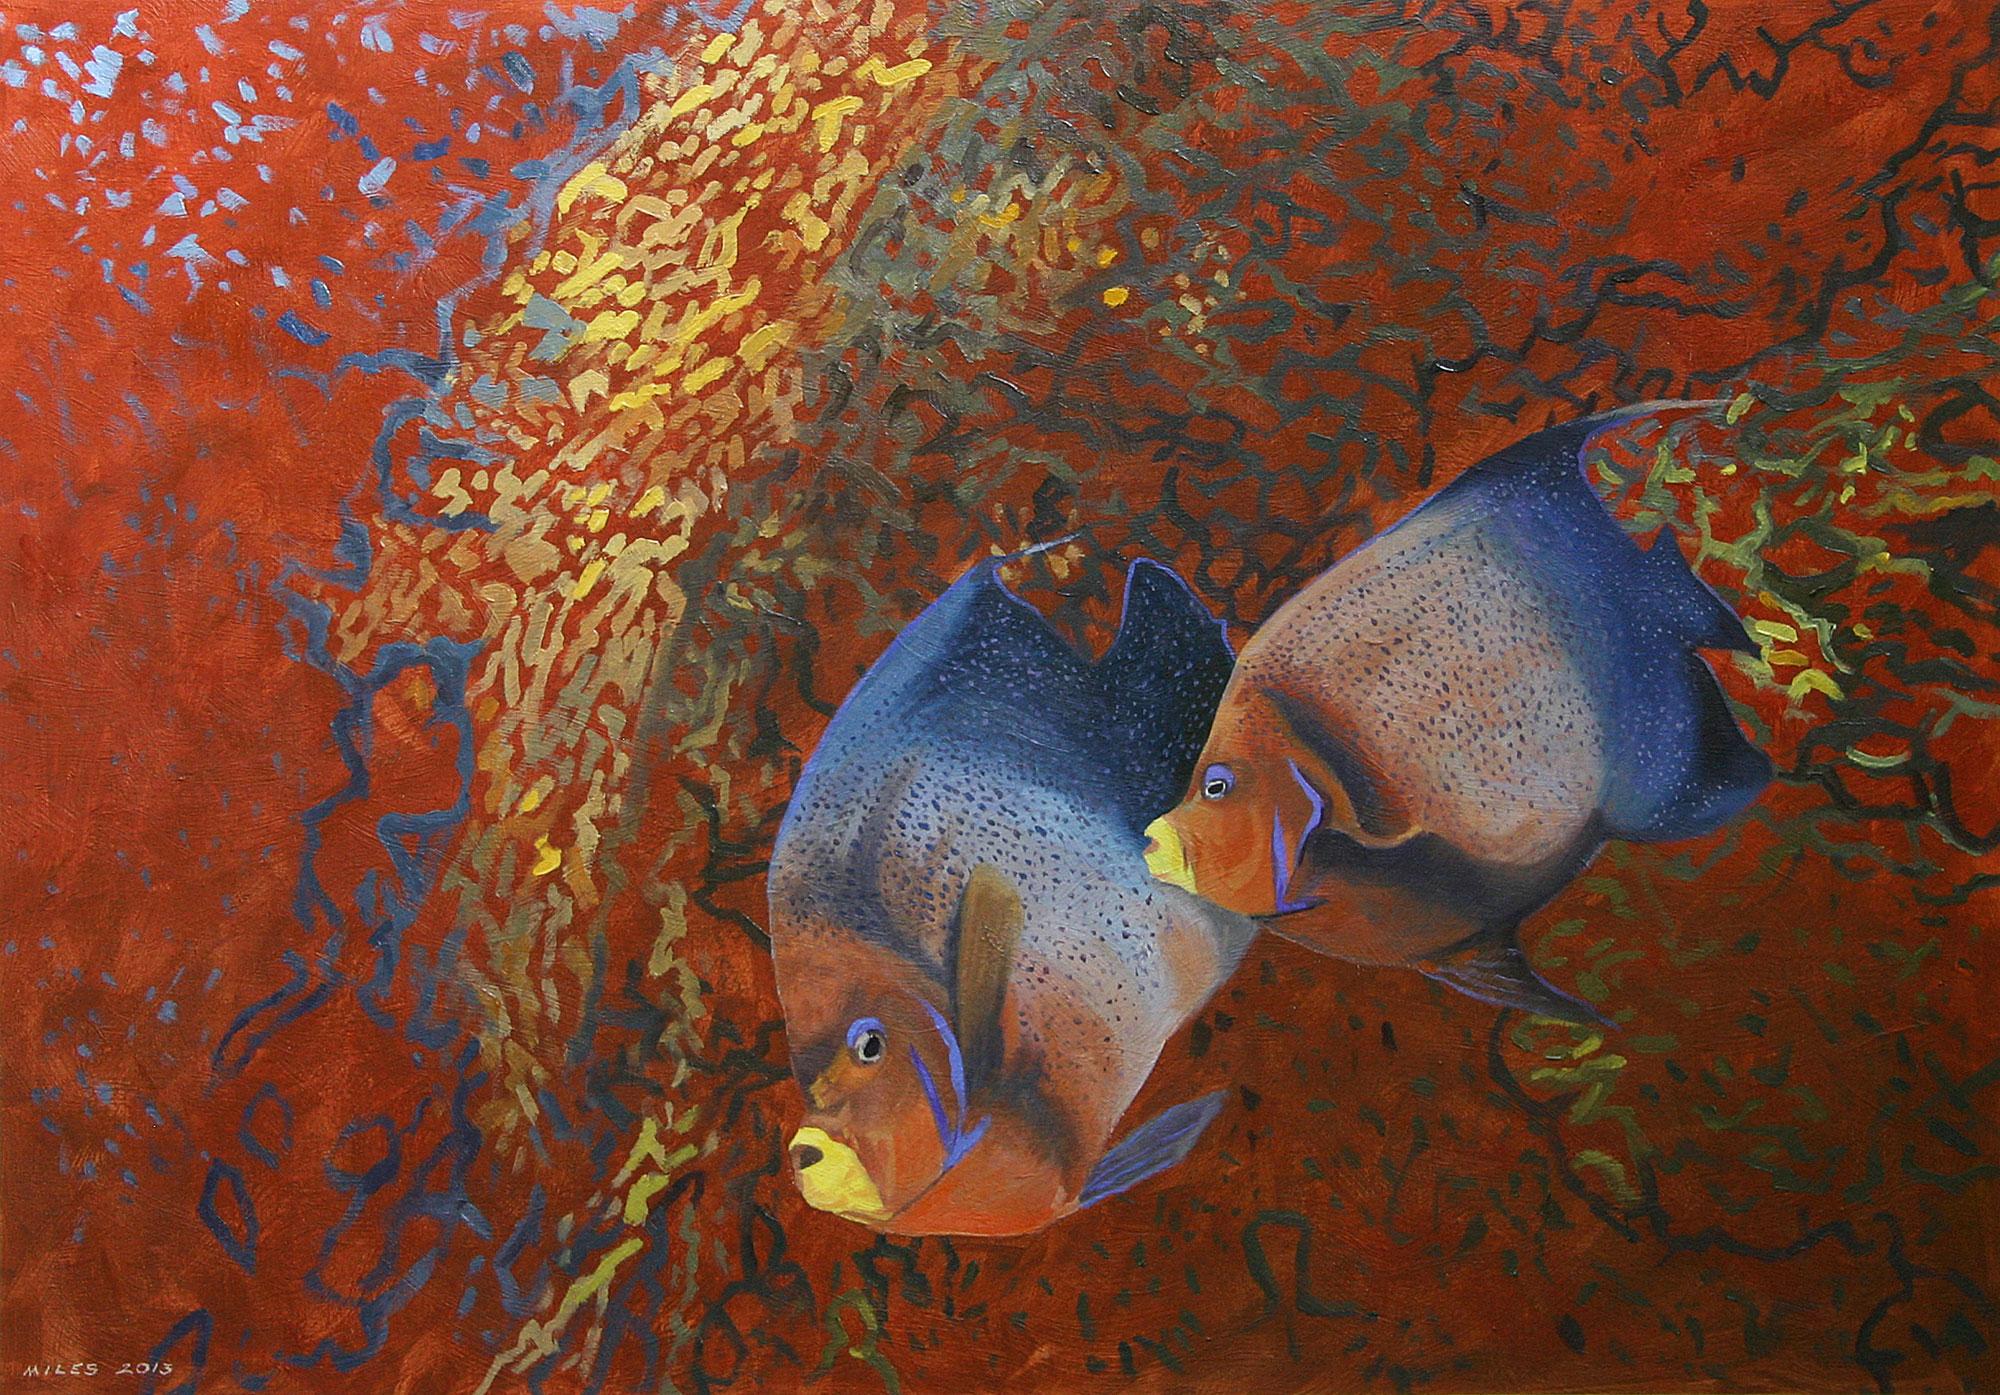 Gerry_Miles_divepaint_underwater_paintings_Semicircle_Angel_Fishes.jpg